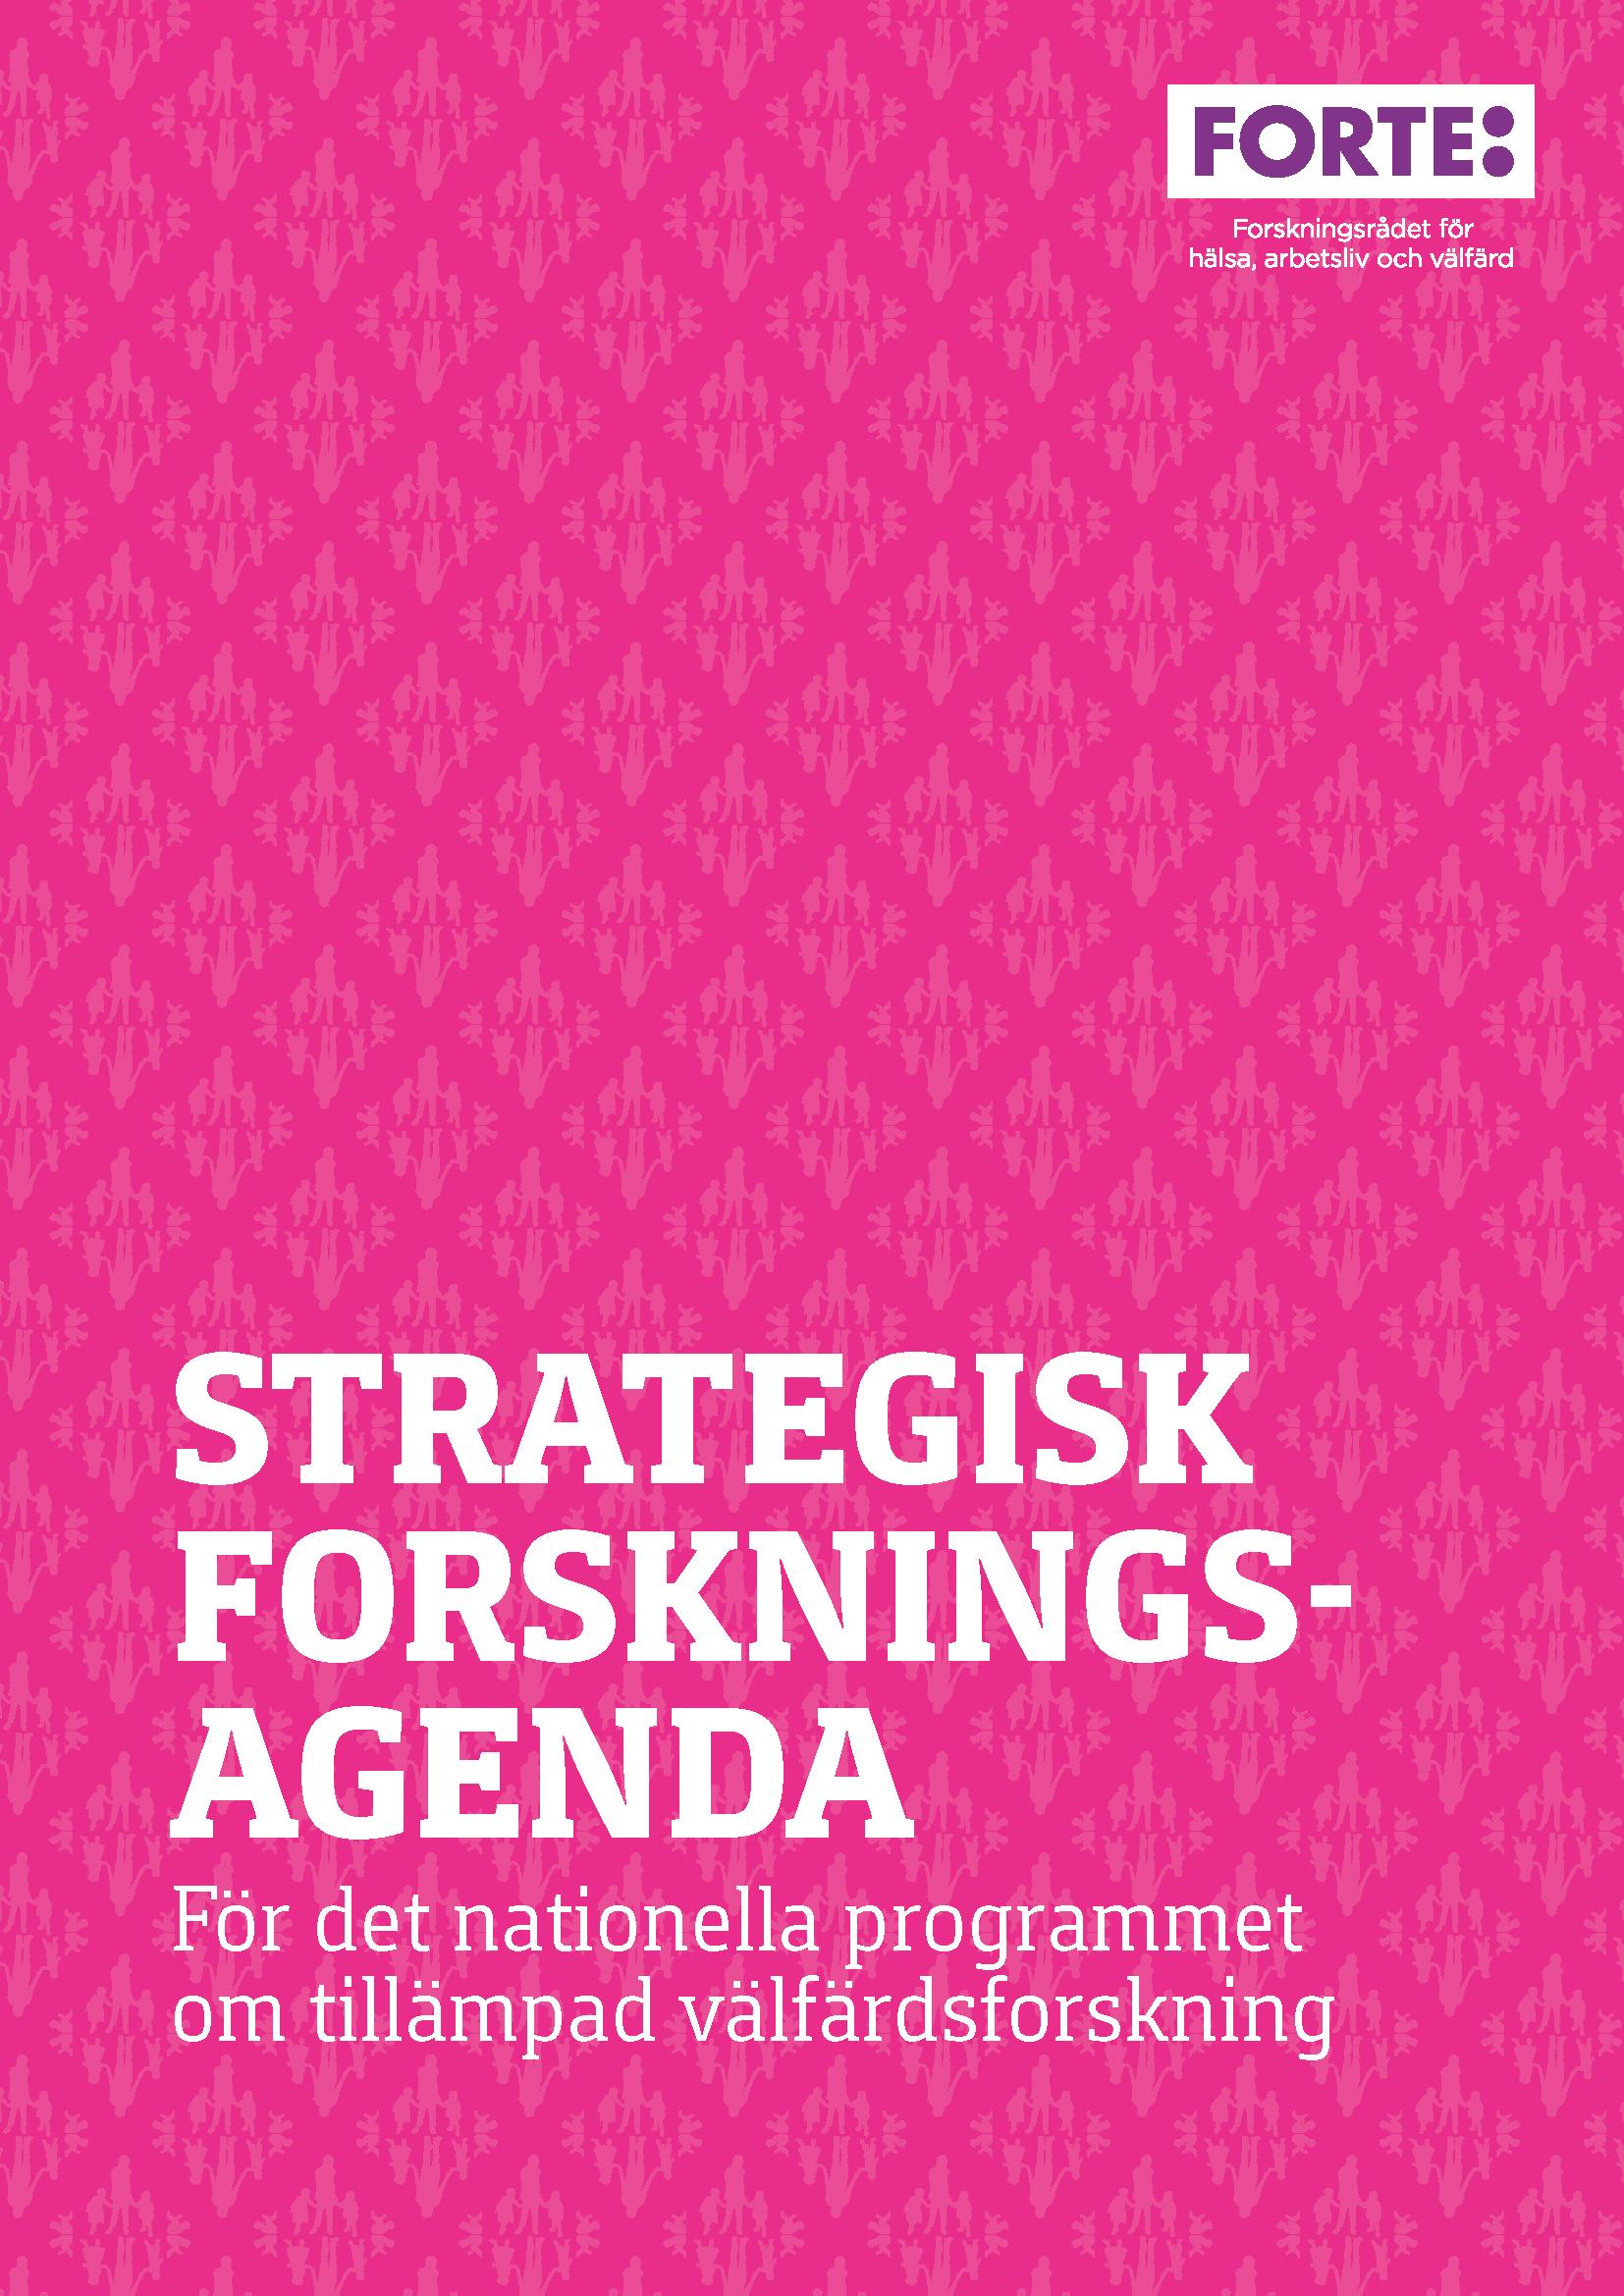 Strategisk forskningsagenda för tillämpad välfärdsforskning